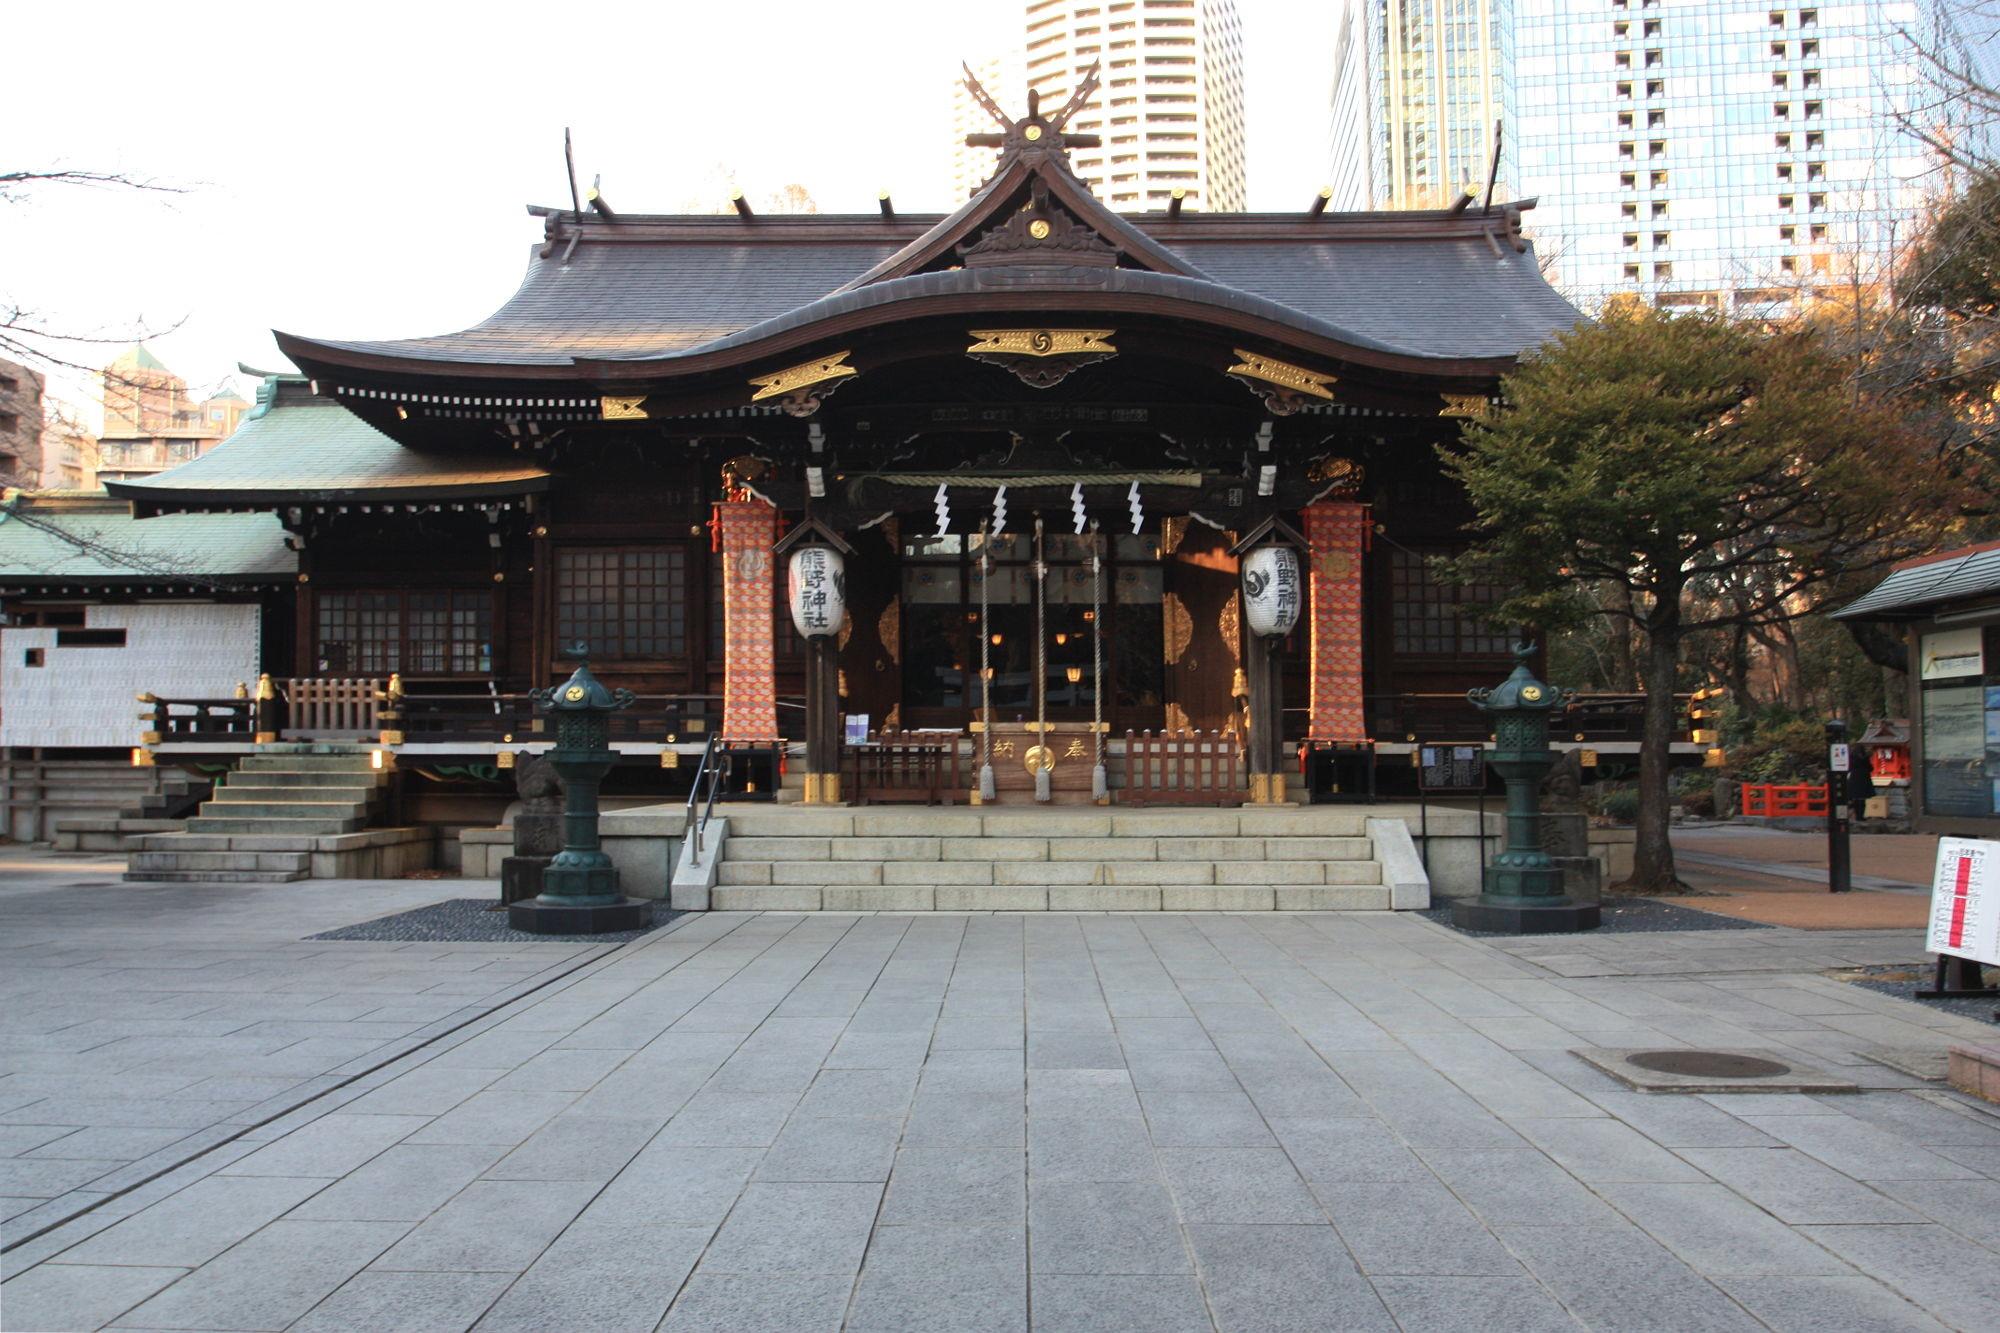 新宿十二社熊野神社の社殿(拝殿)